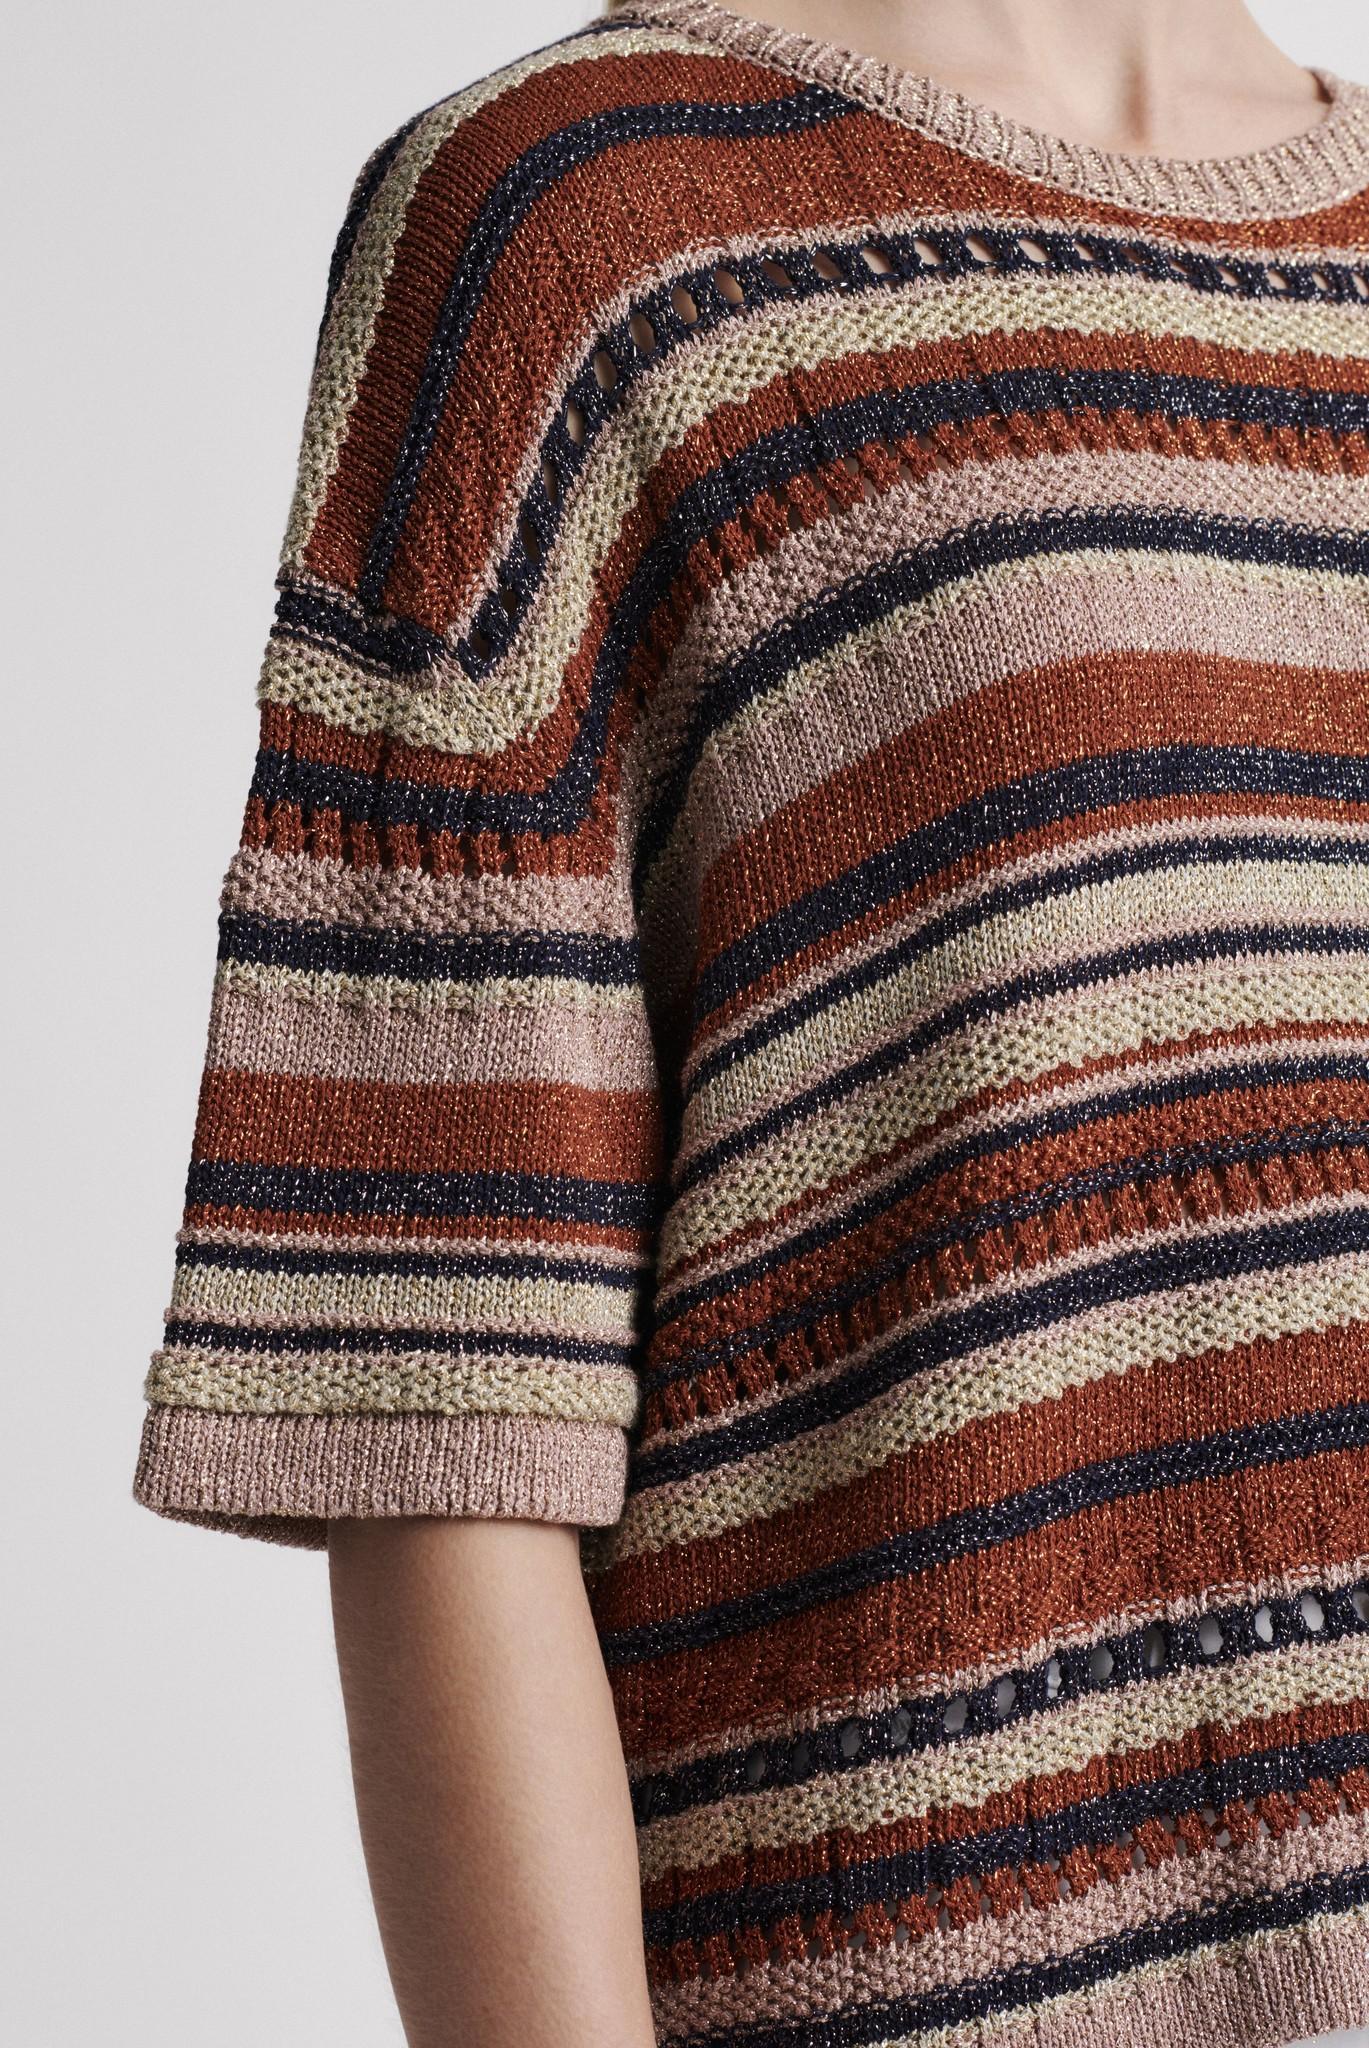 ELEANA - Разноцветный вязаный свитер